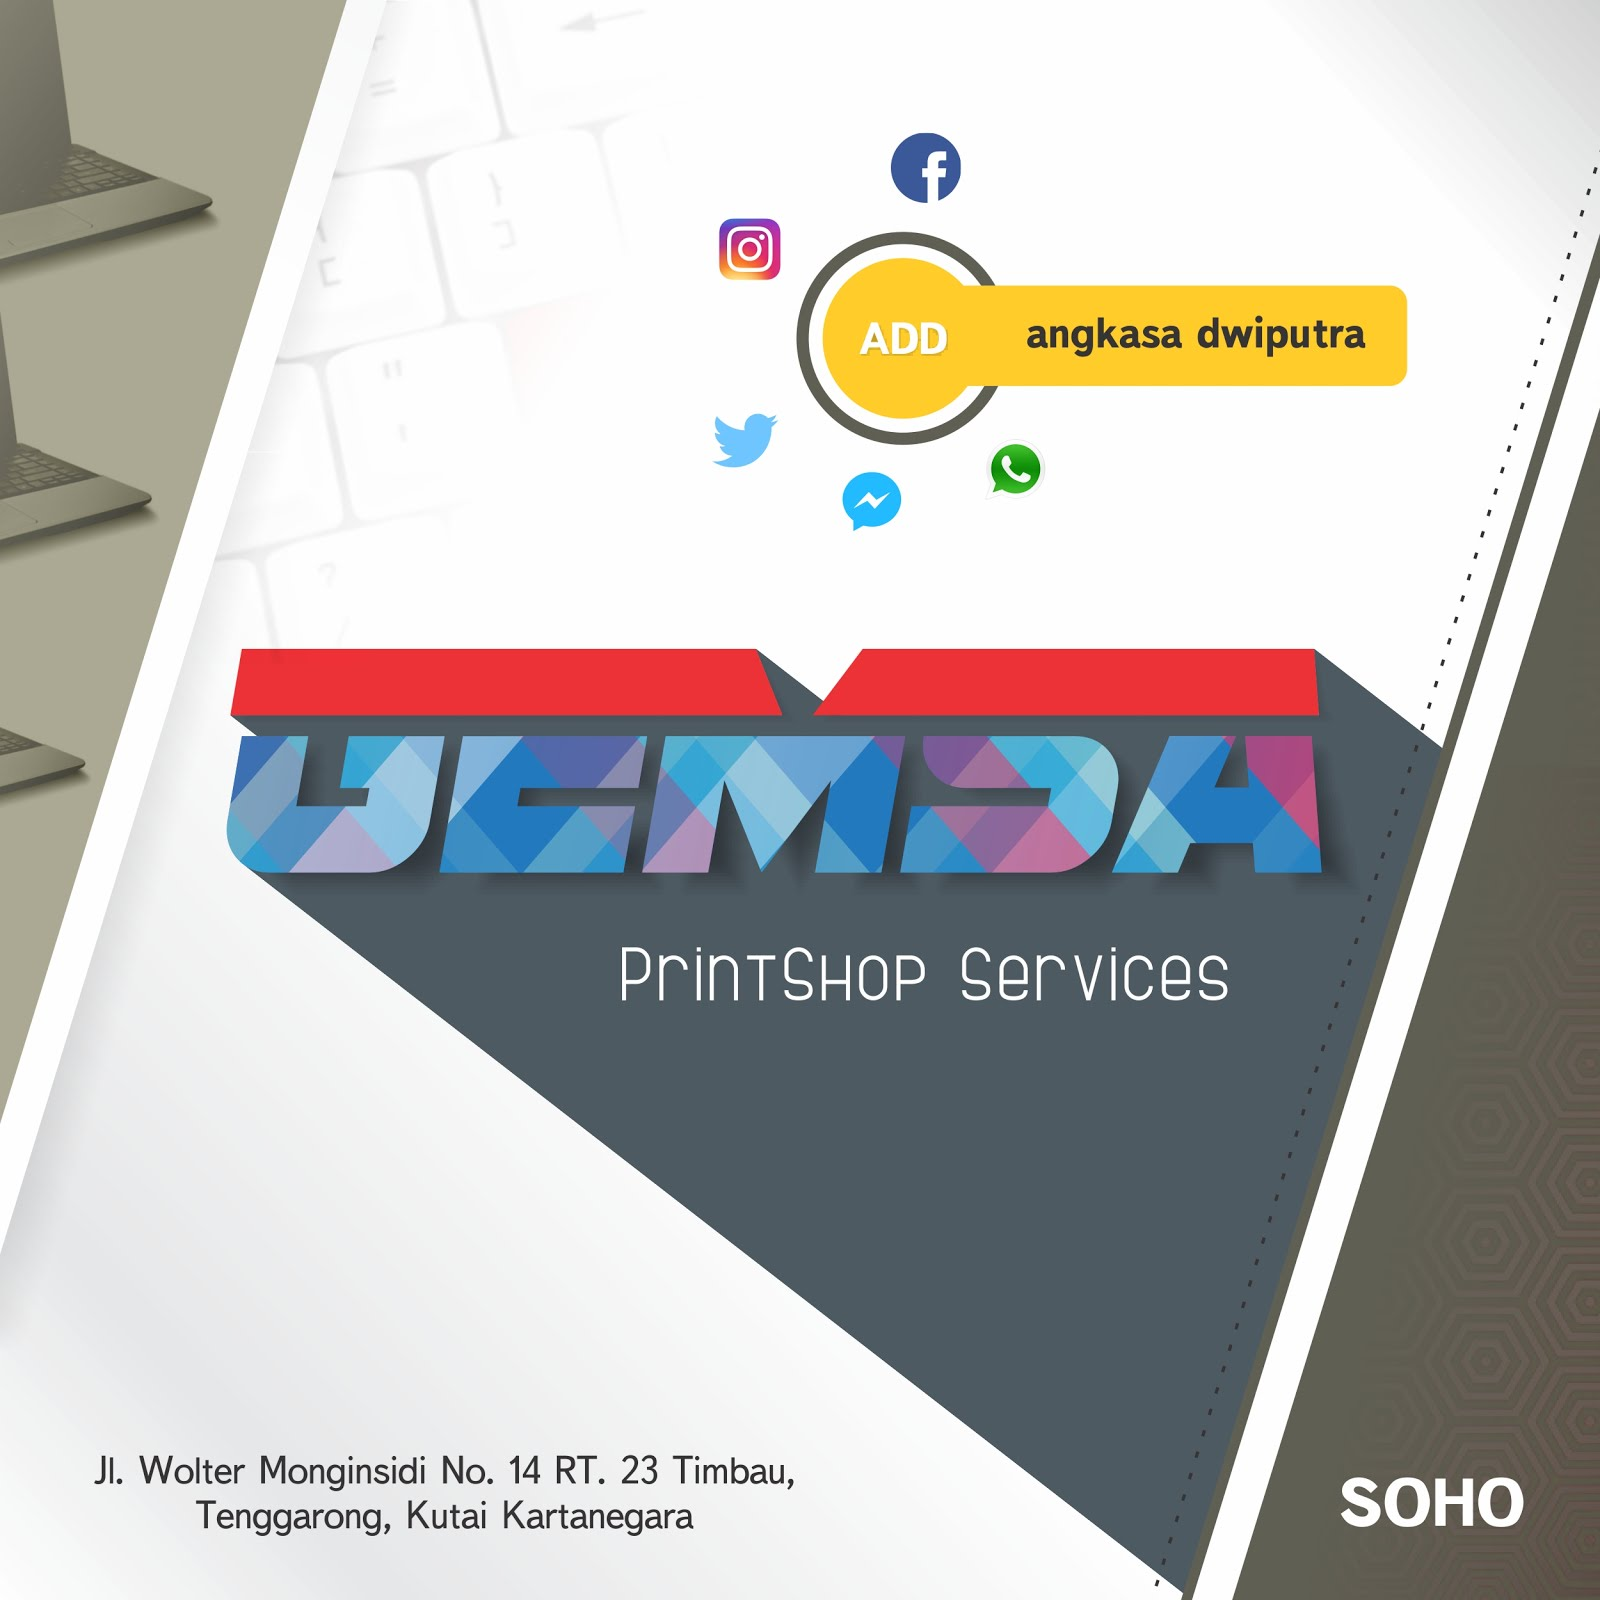 GEMSA - Printshop Services